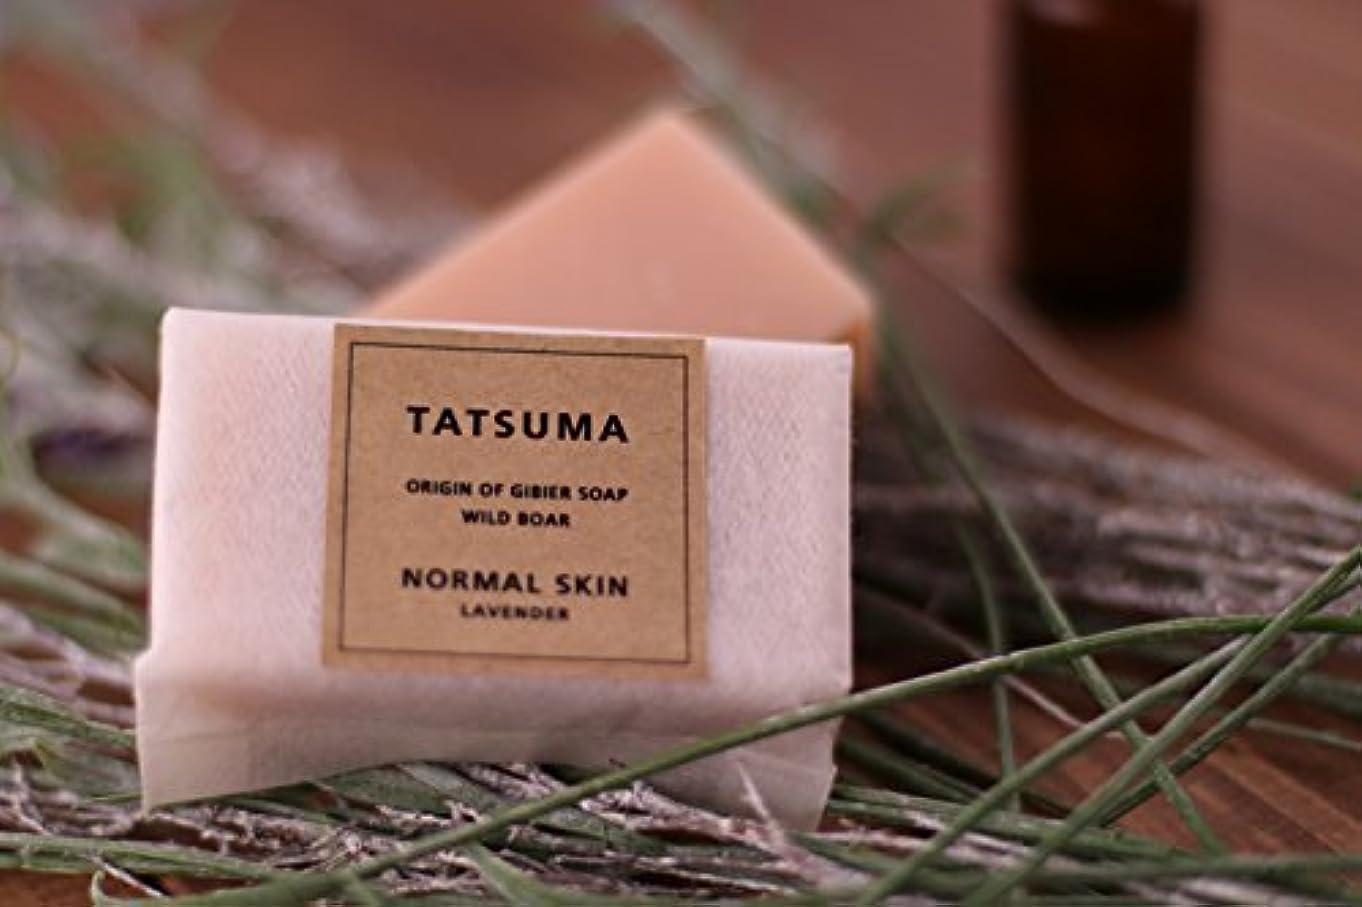 キルト暴力製造たつま石鹸21(化粧石鹸) 非加熱製法   TATSUMA NORMAL SKIN LAVENDER